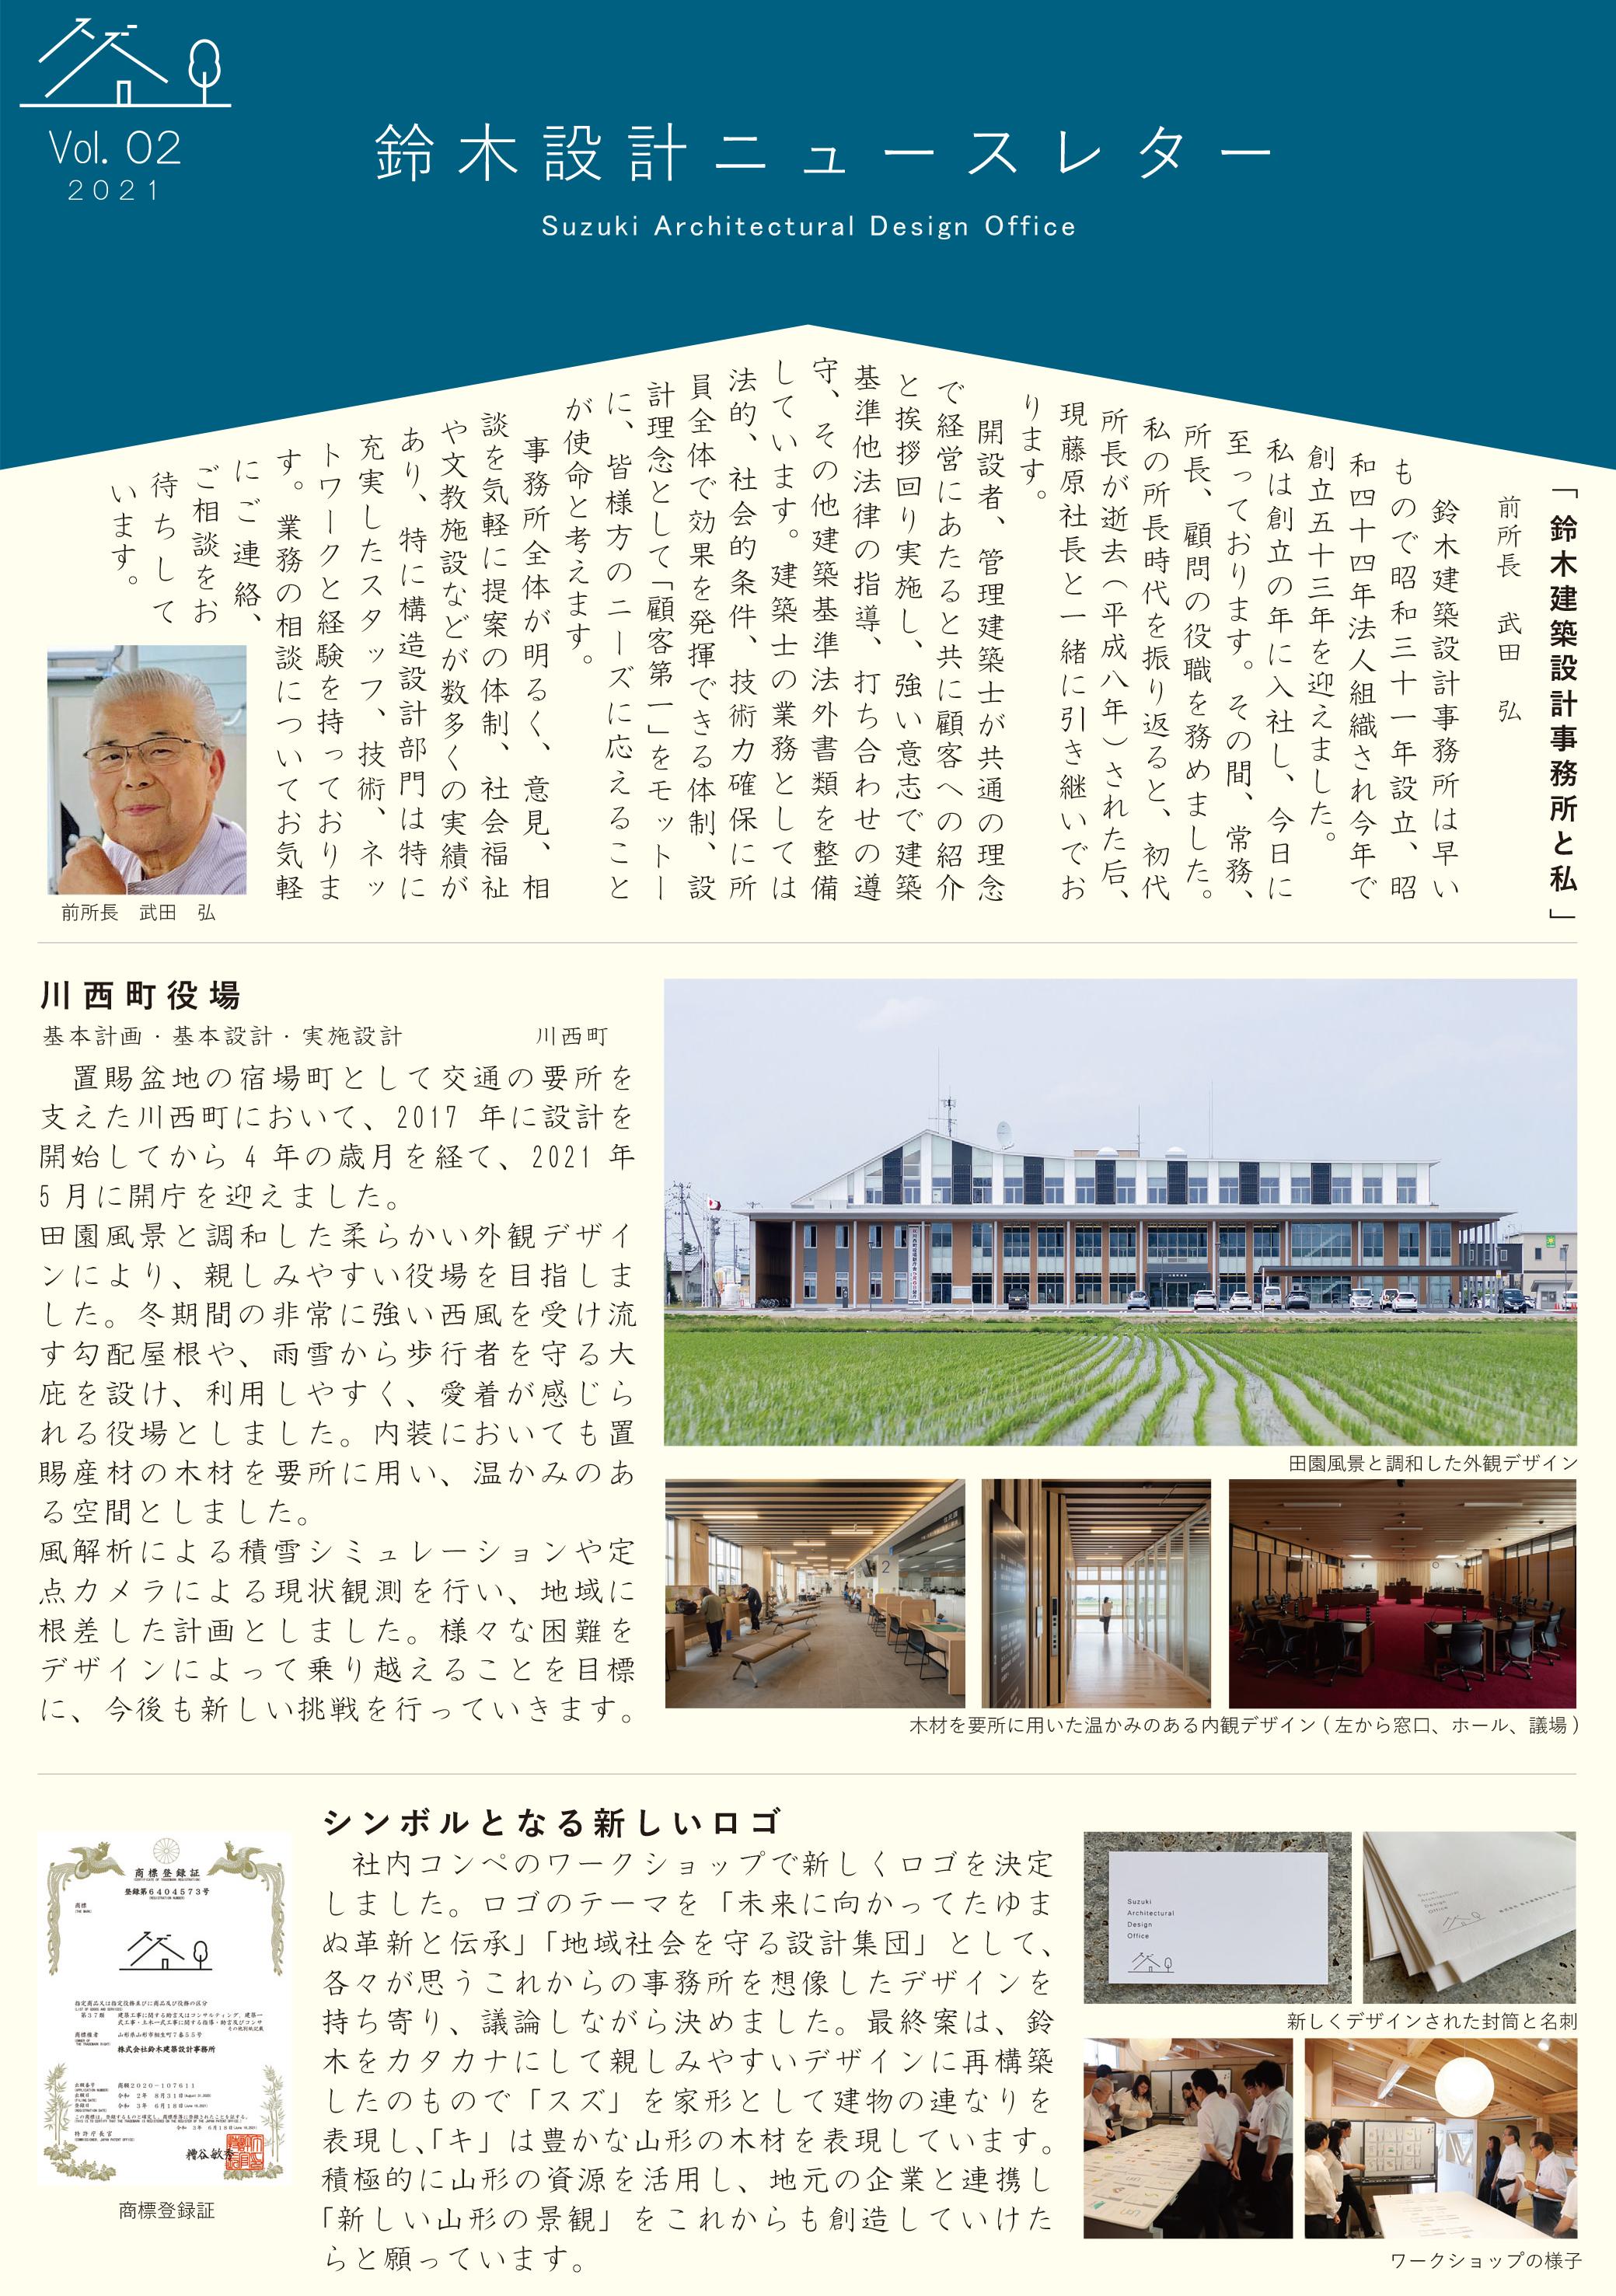 鈴木設計ニュースレターVol.2